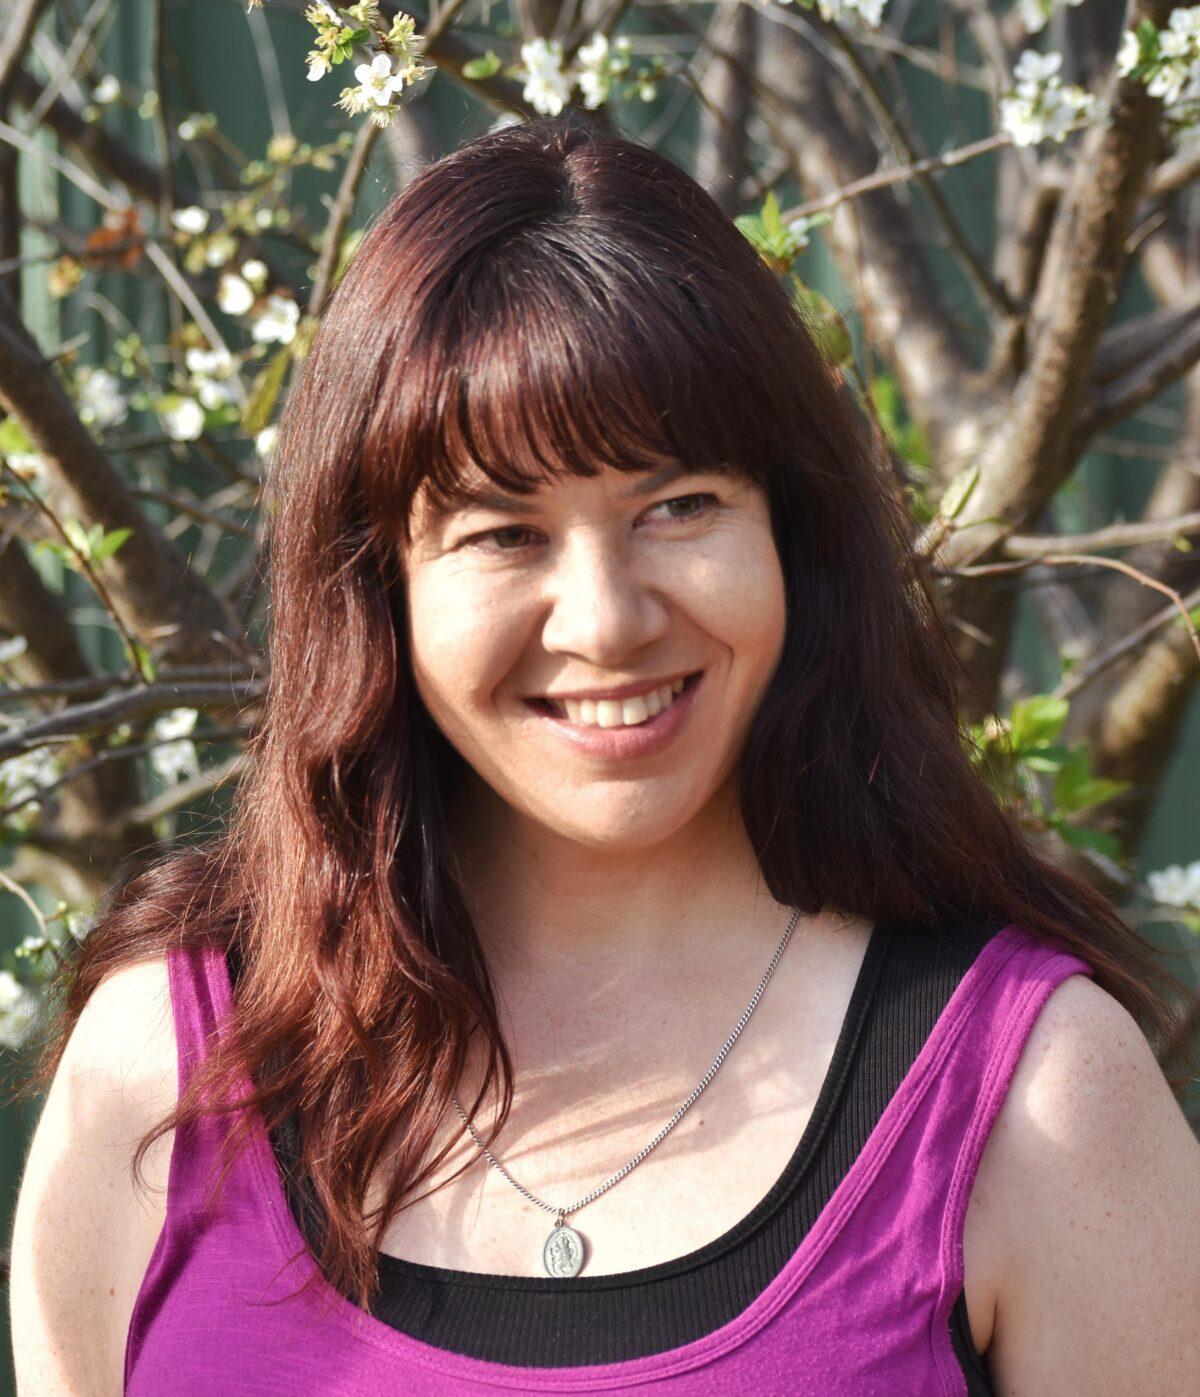 Sasha Wasley